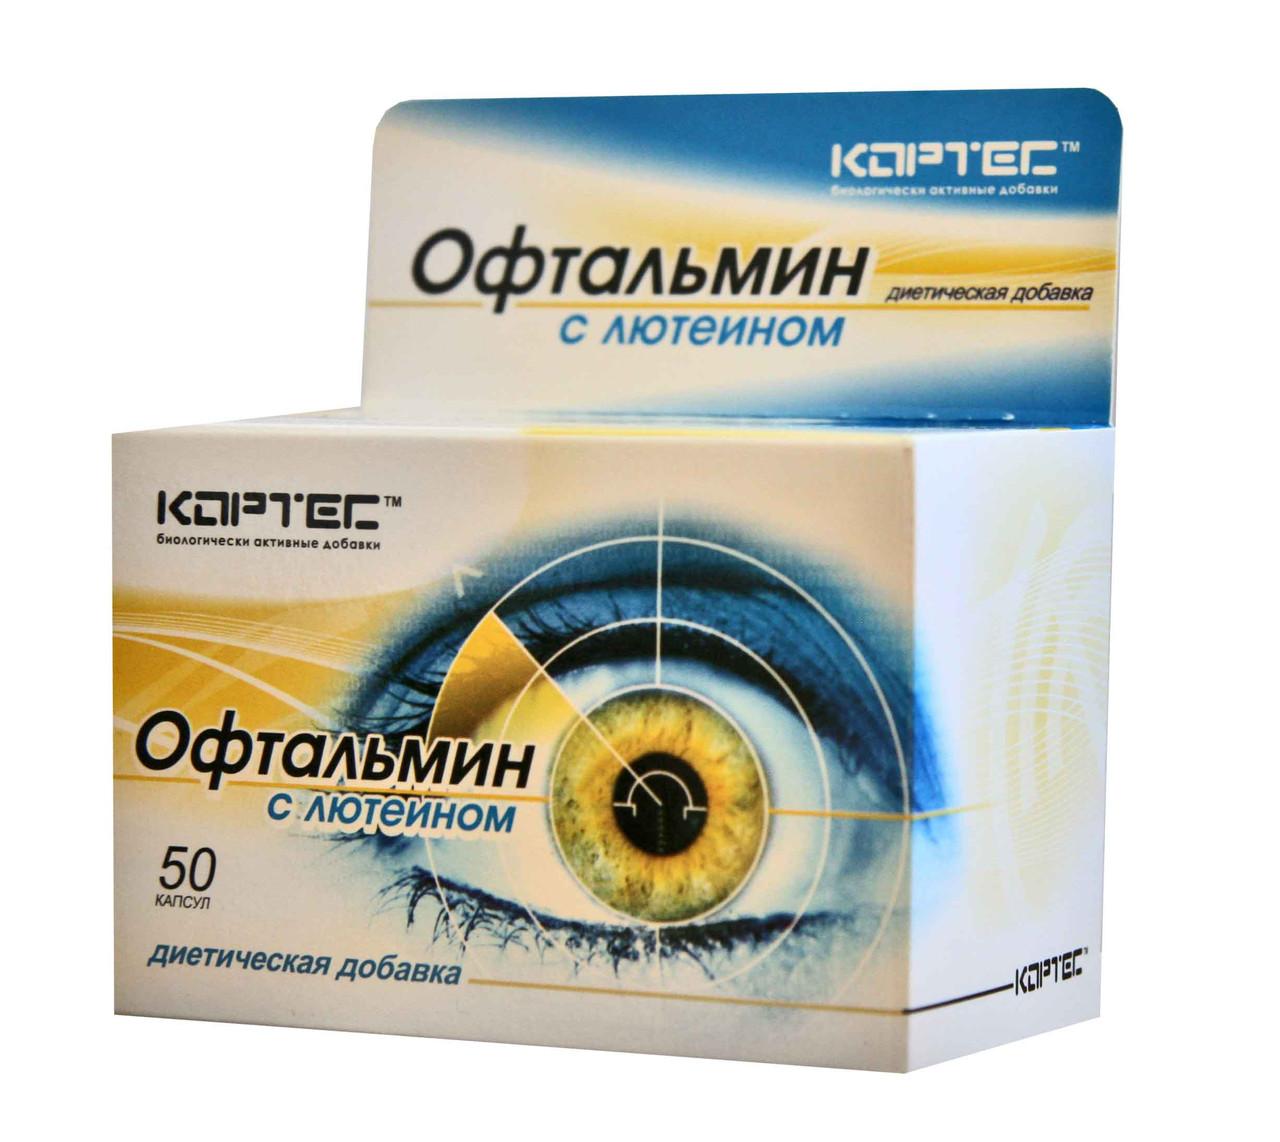 Офтальмин с лютеином №50